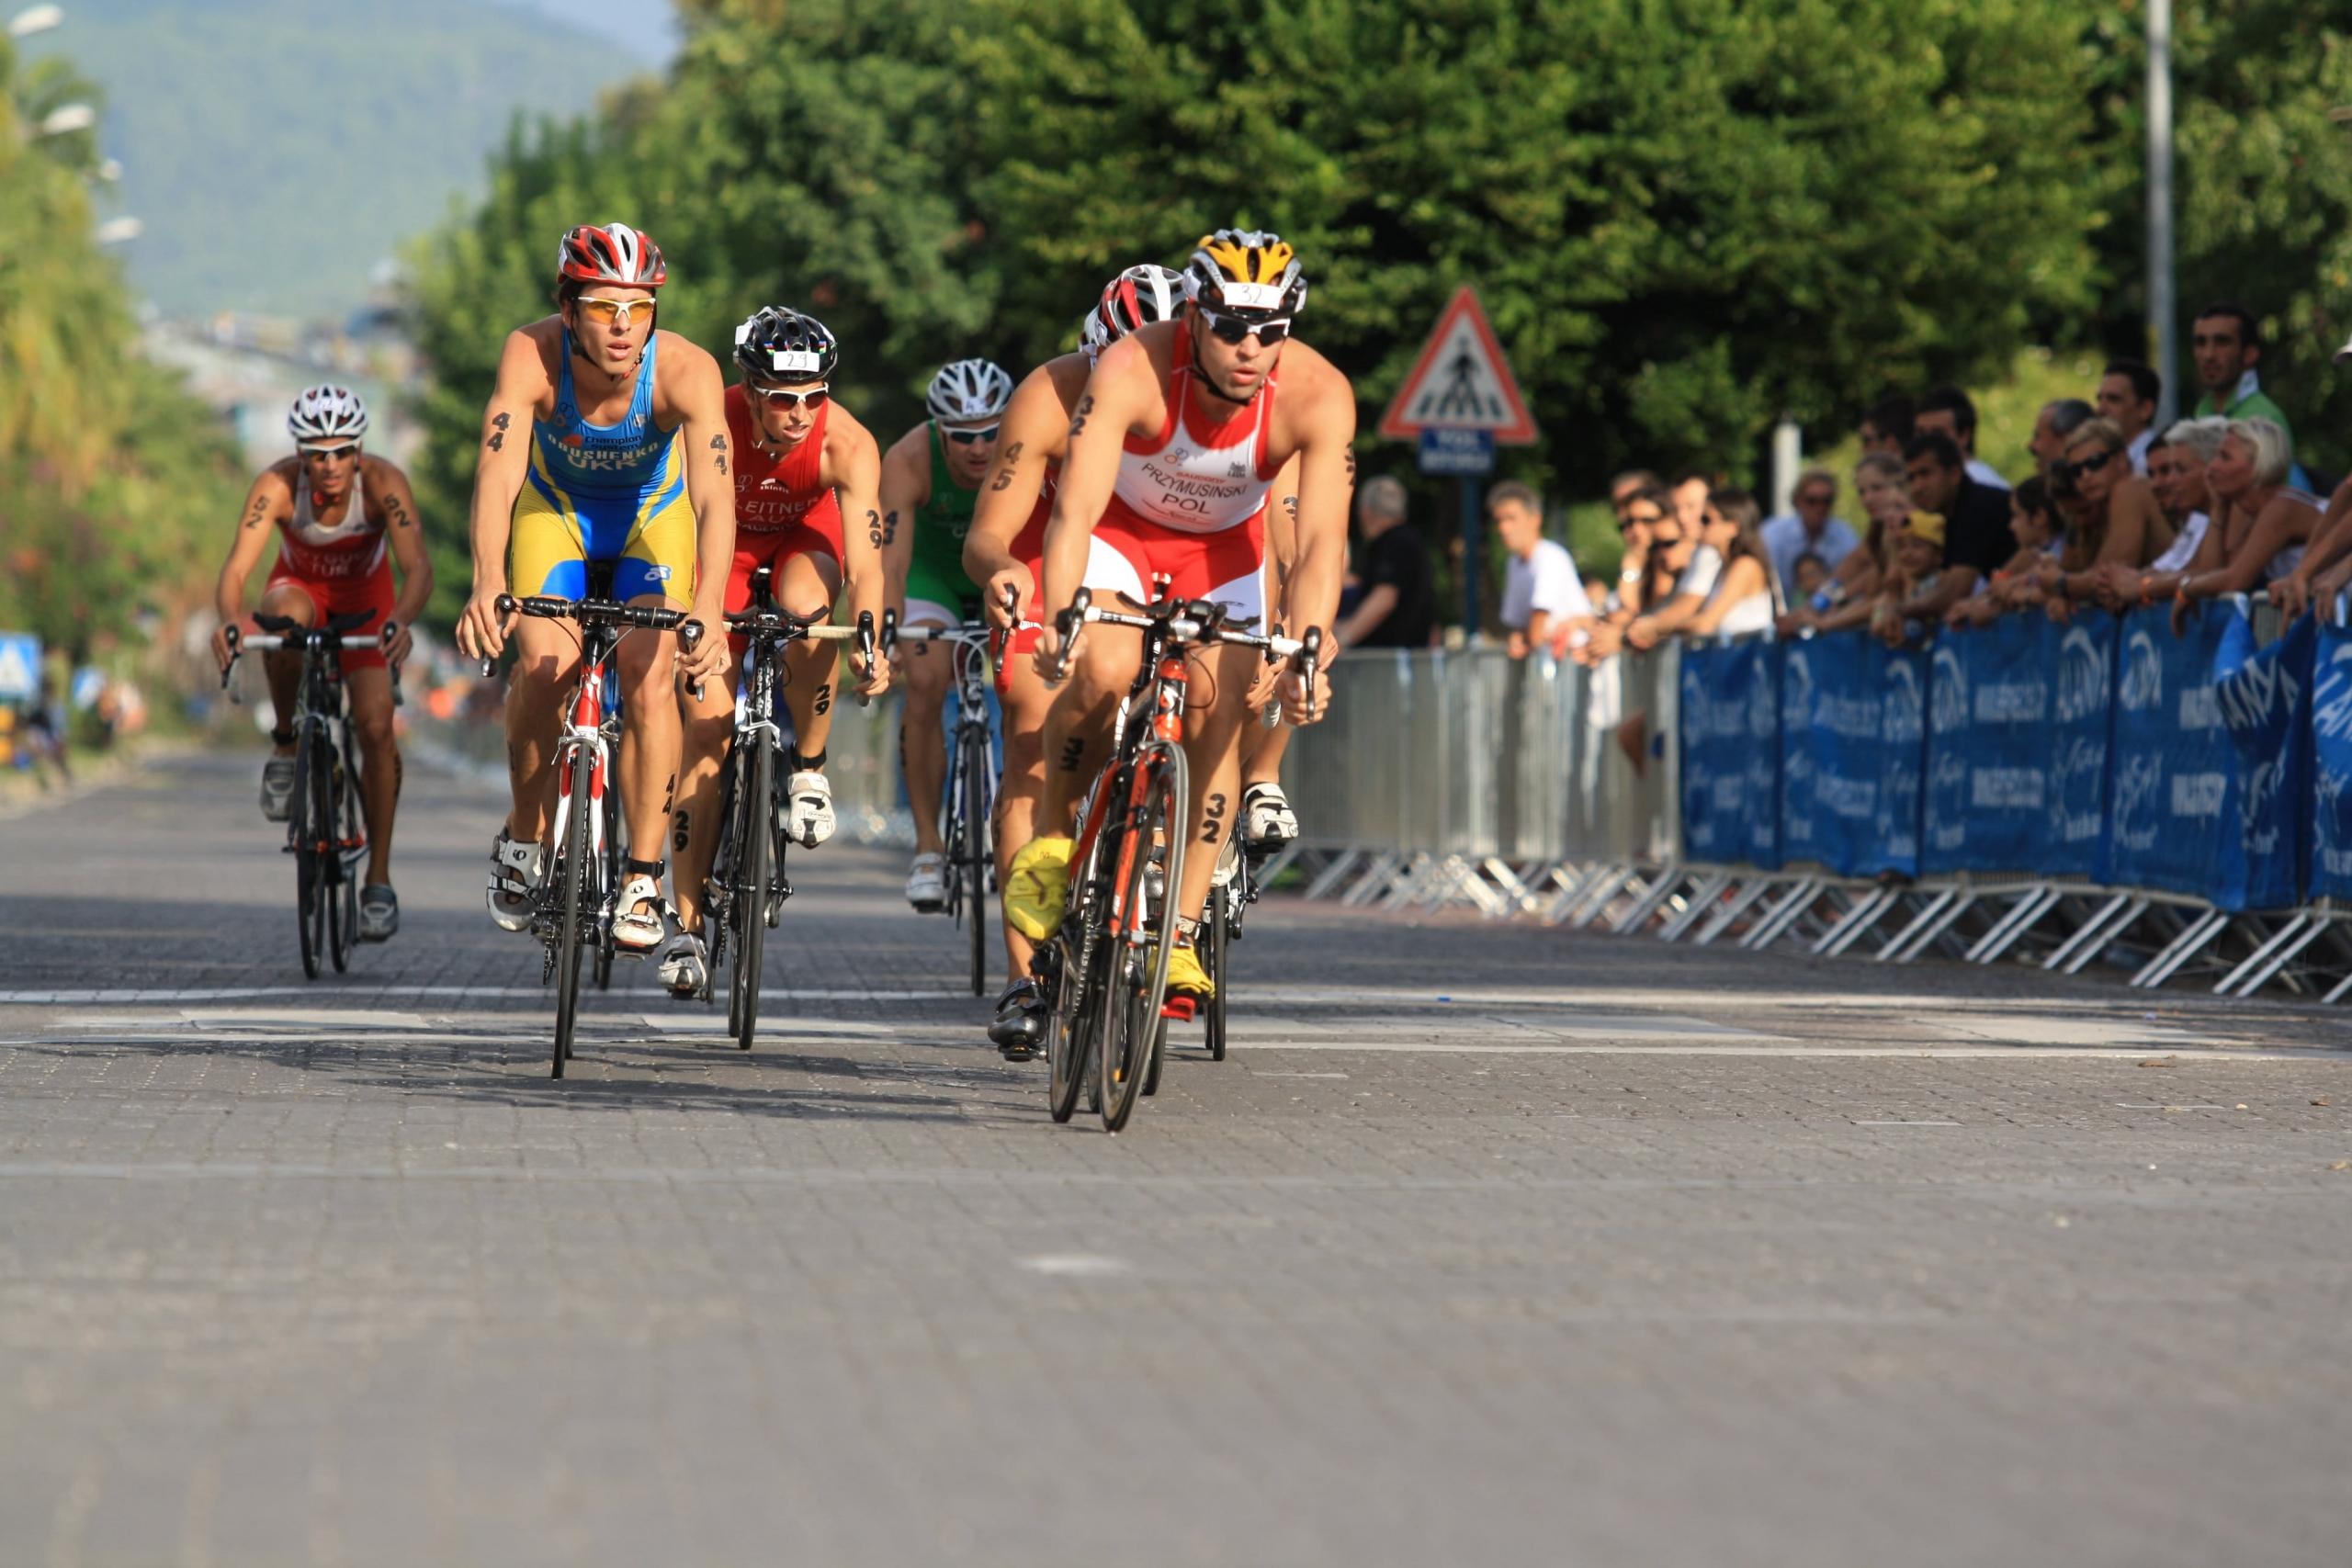 30.Triatlon yarışları için 41 ülkeden bin sporcu Alanya'da buluşuyor